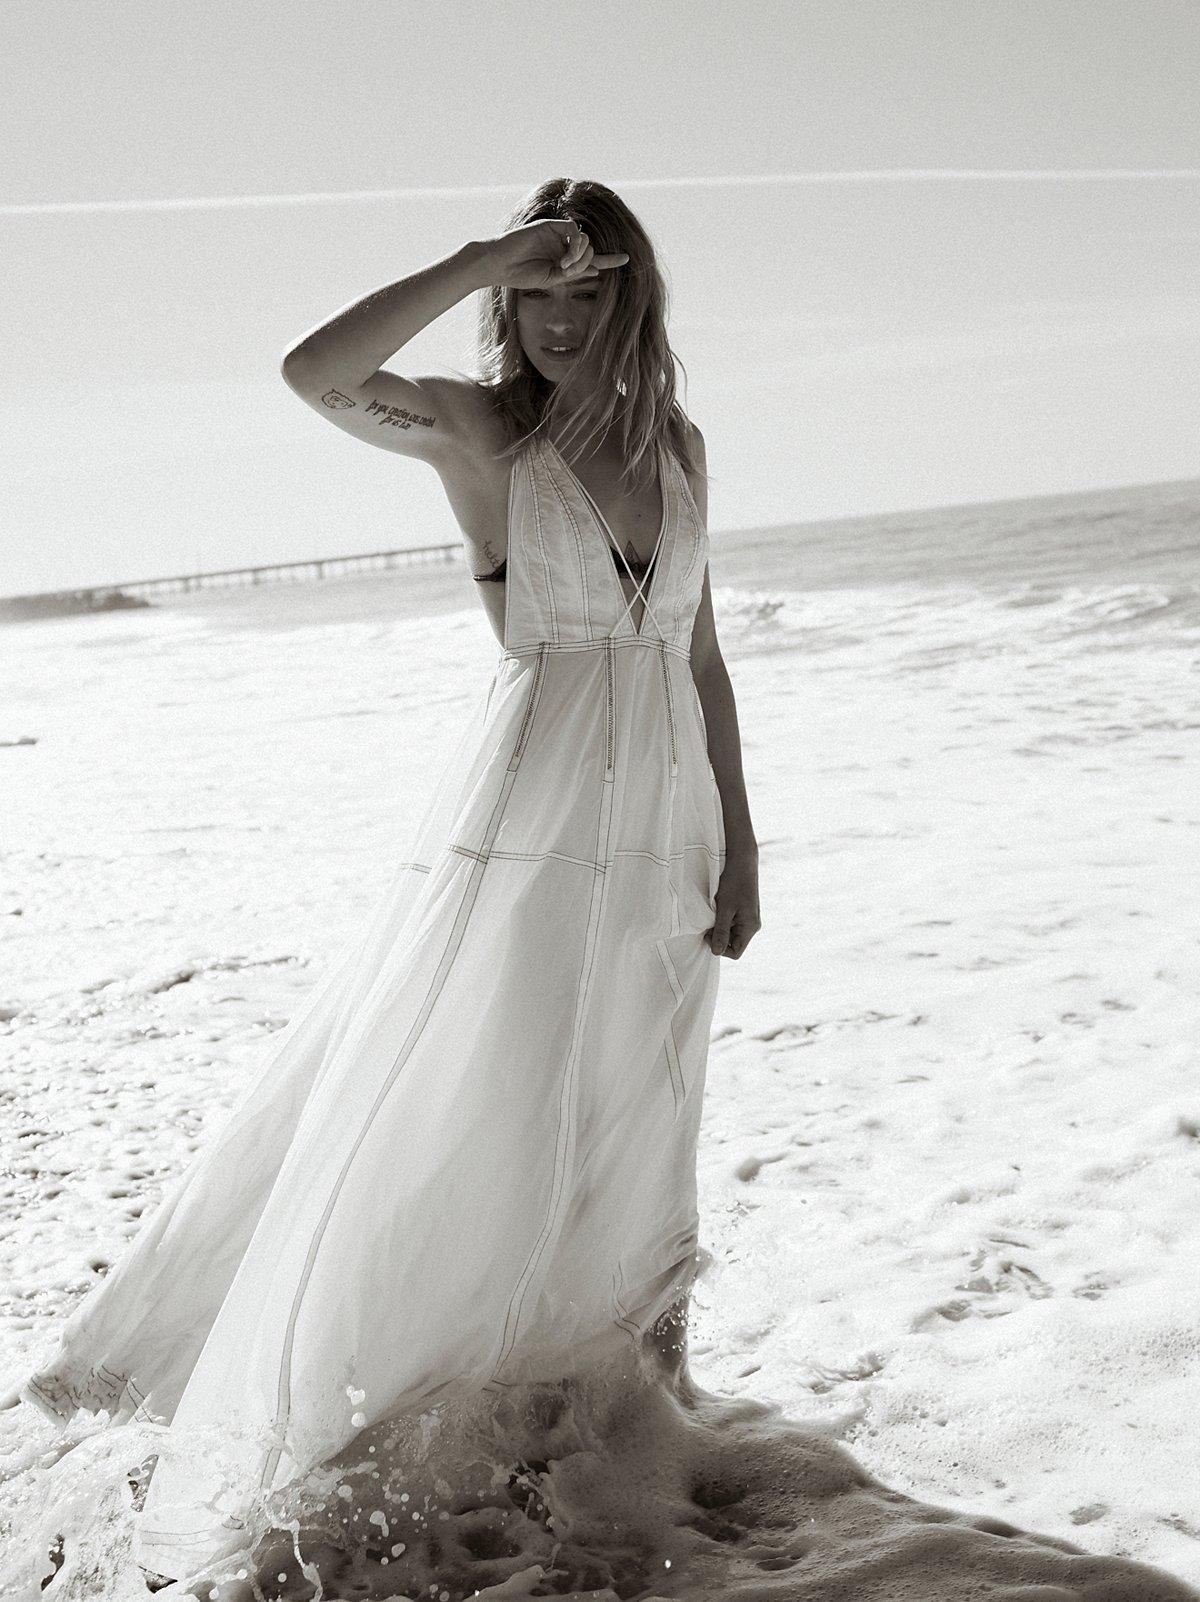 Dana's限量版白色礼服